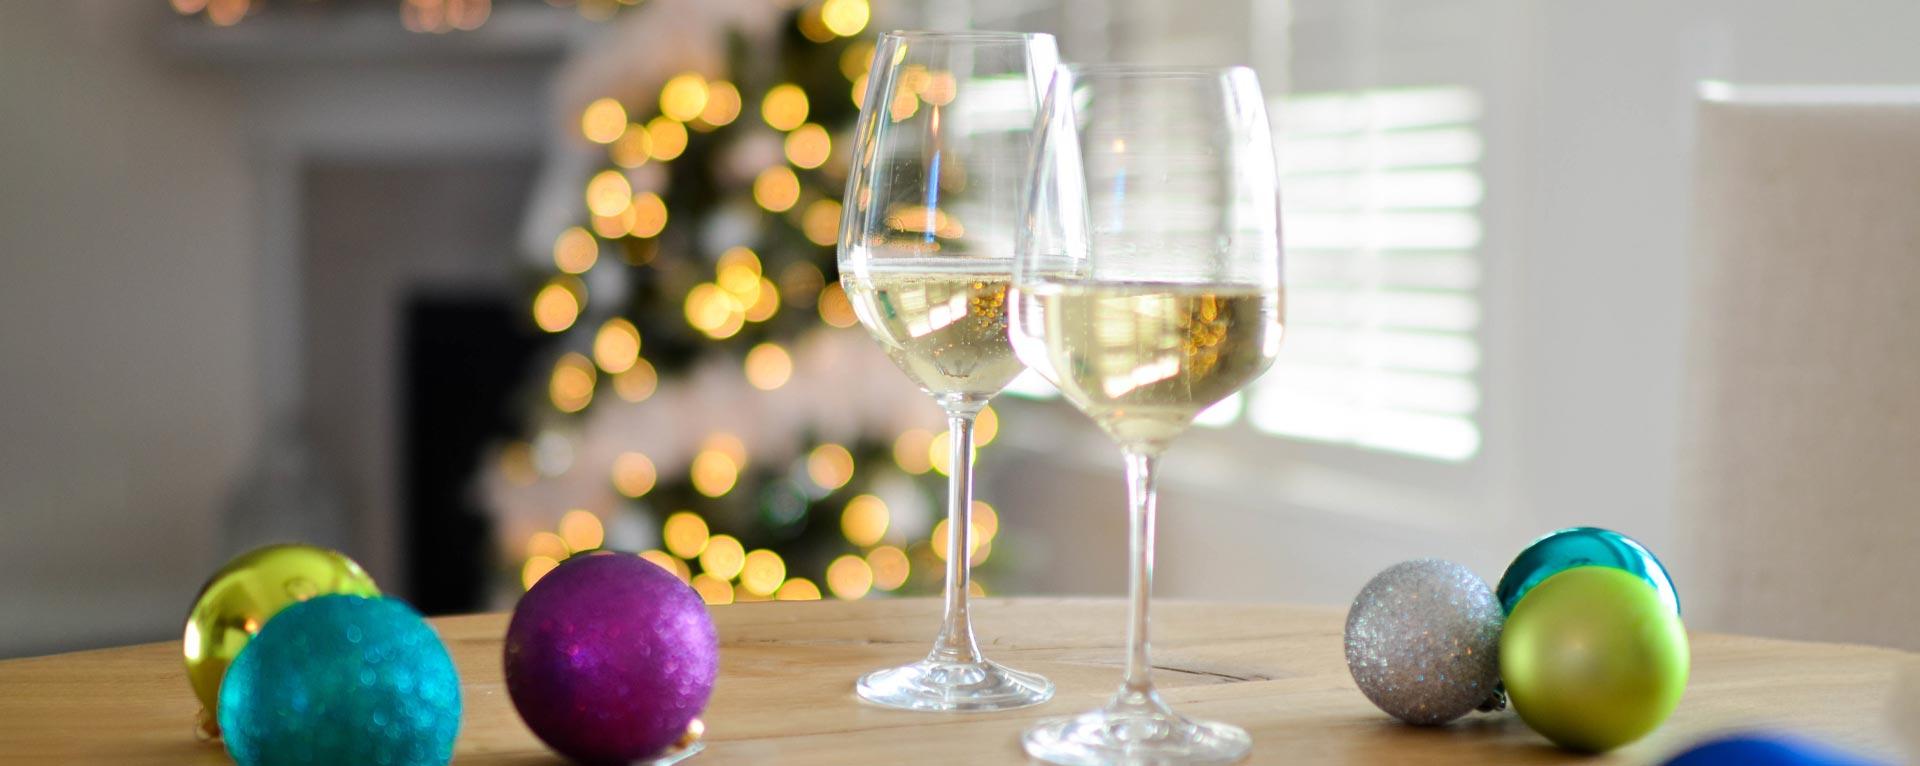 copa de vino espumoso